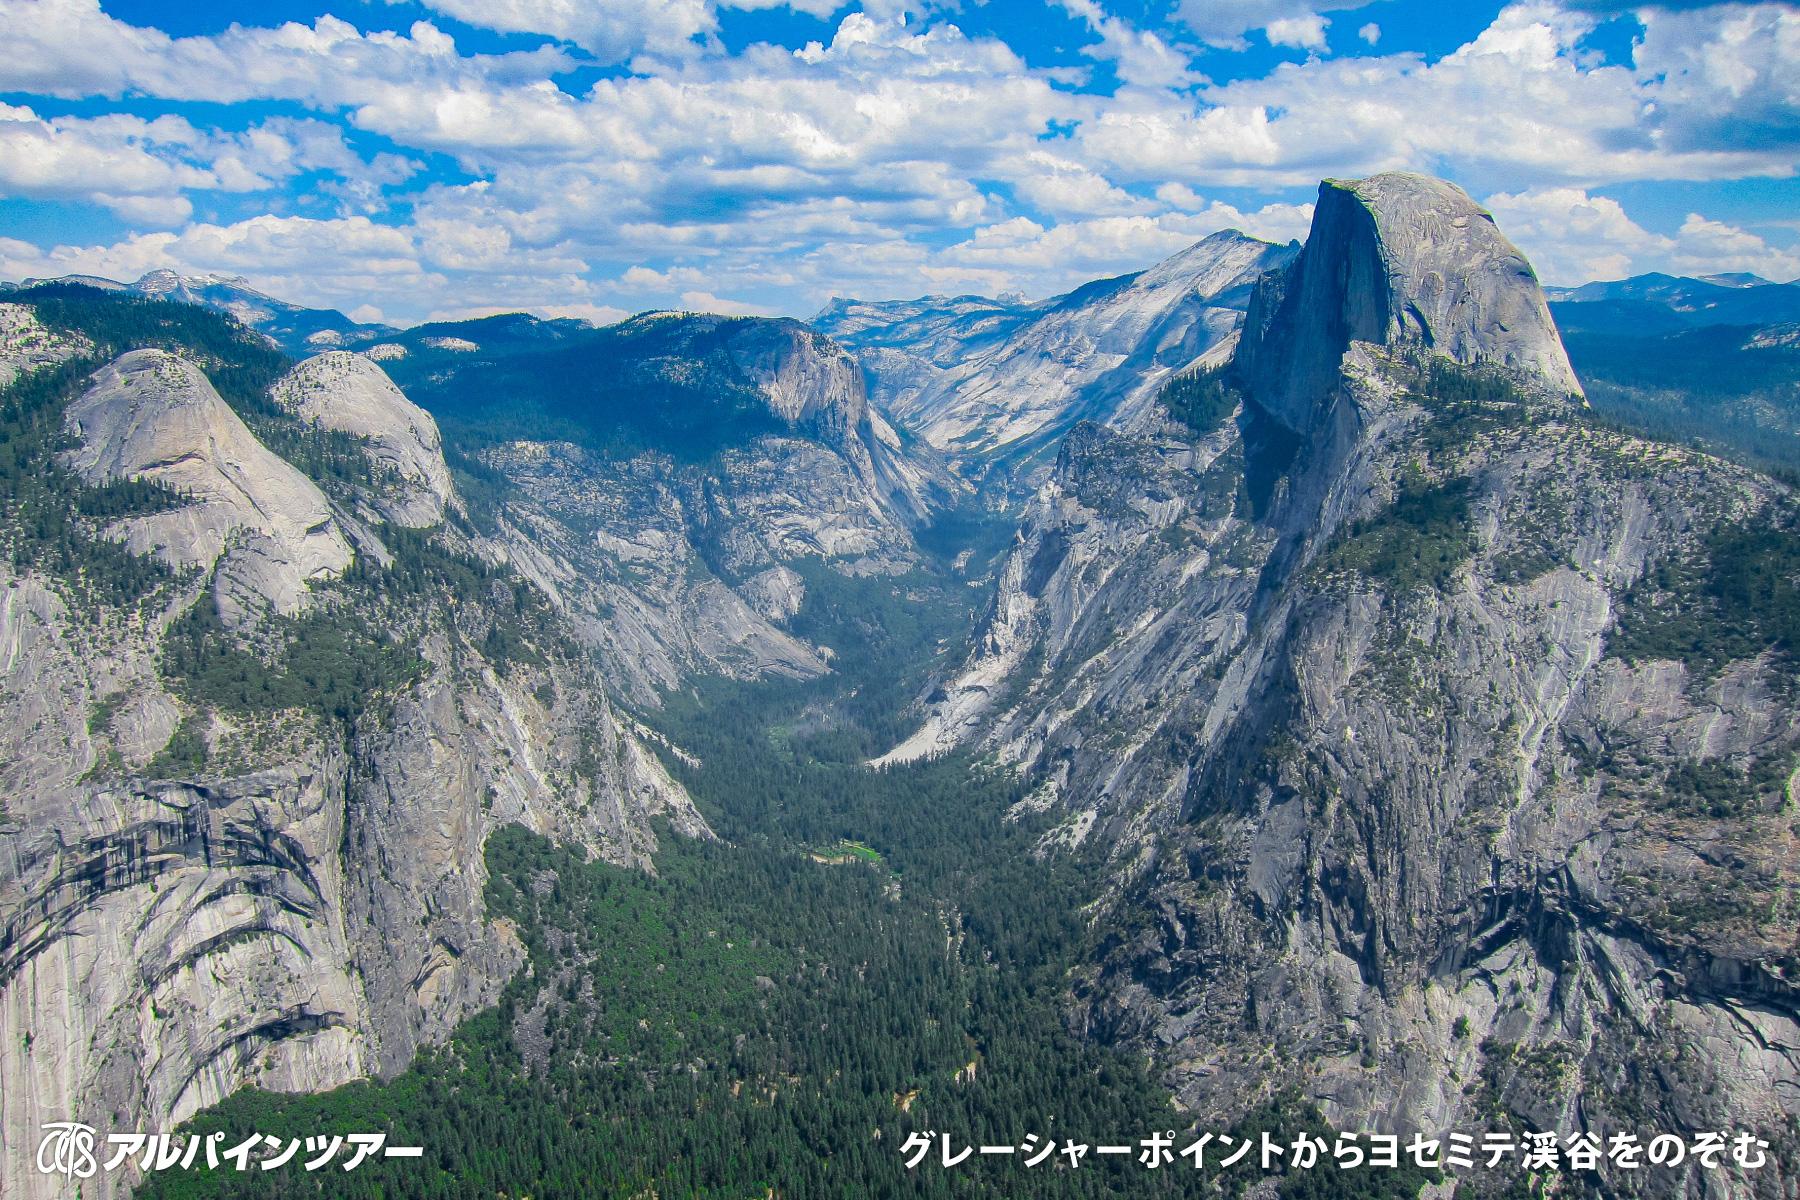 【エリア紹介】 ヨセミテの登頂おすすめ3座(アメリカ)